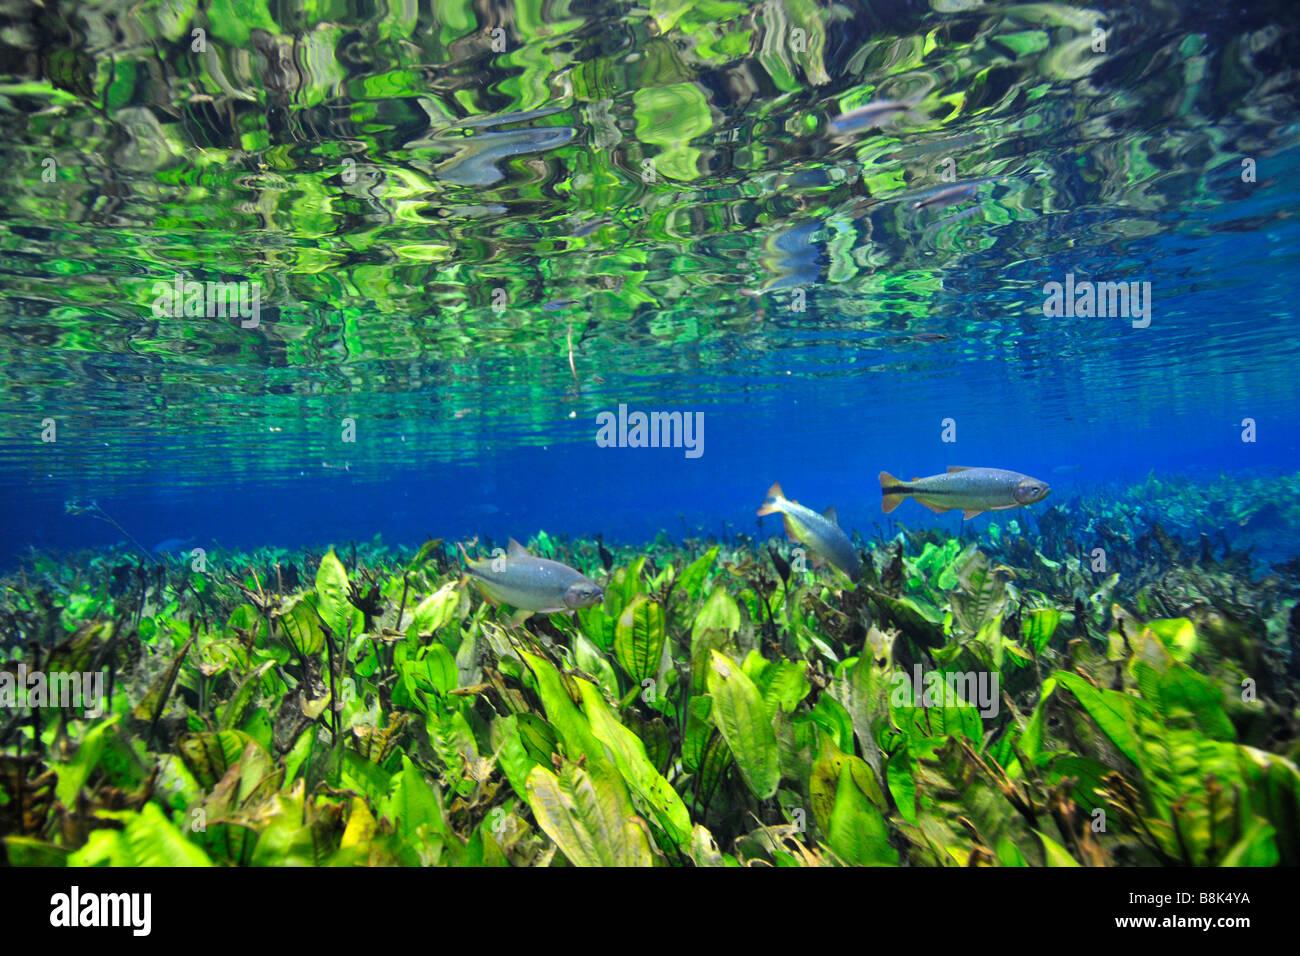 Characins o piraputangas Brycon hilarii nadar por Baia Bonita Aquario Natural del Río Bonito, Mato Grosso do Imagen De Stock